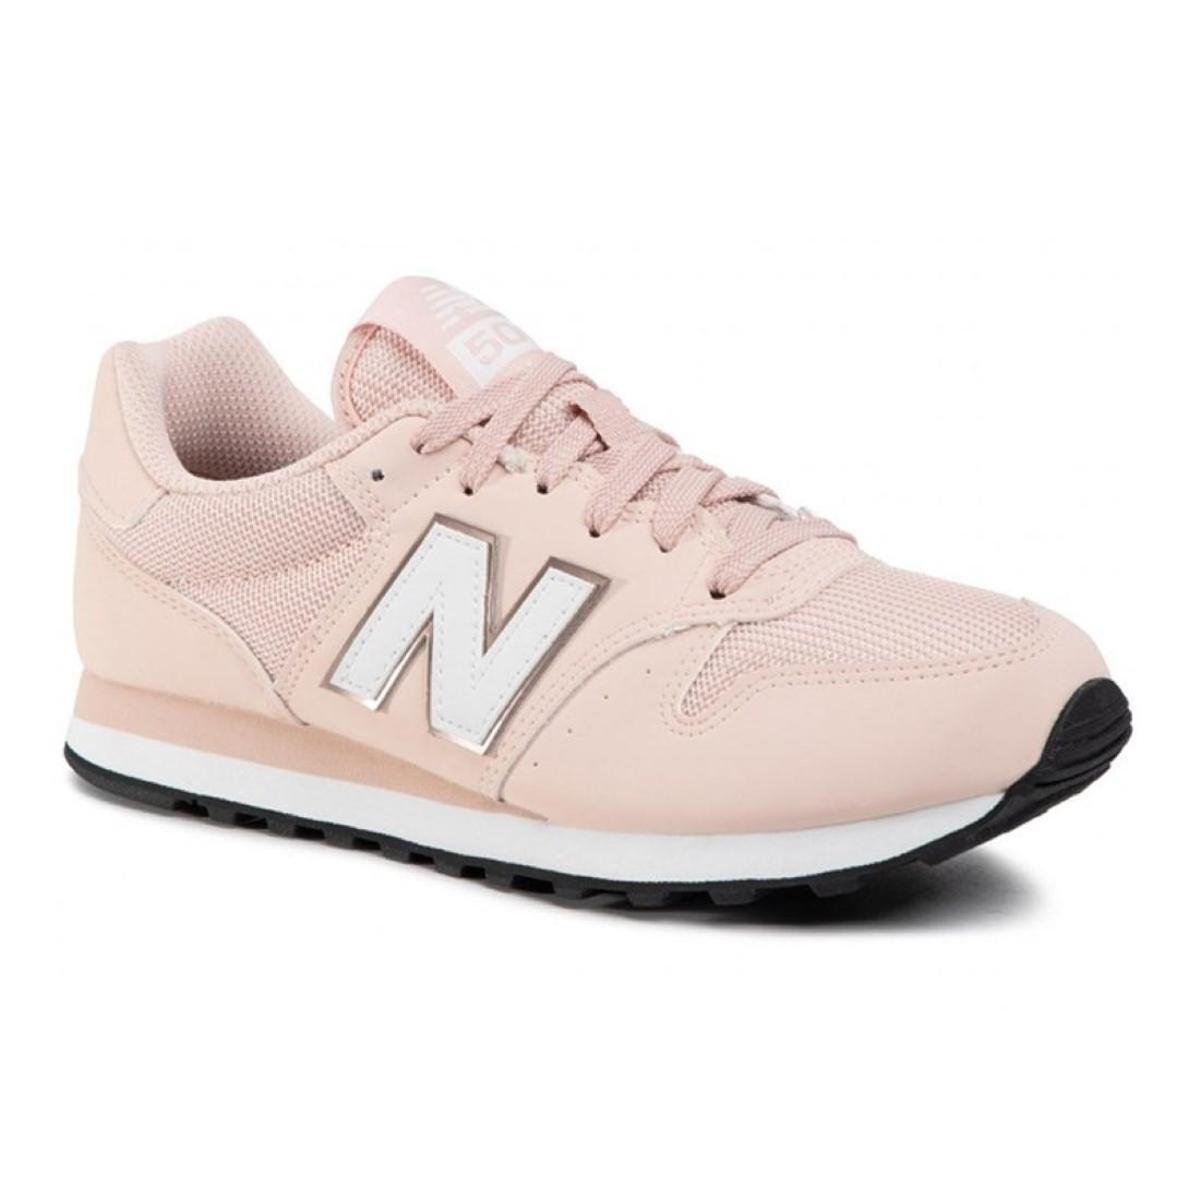 Tênis New Balance 500 Feminino - Rosa Branco   Netshoes